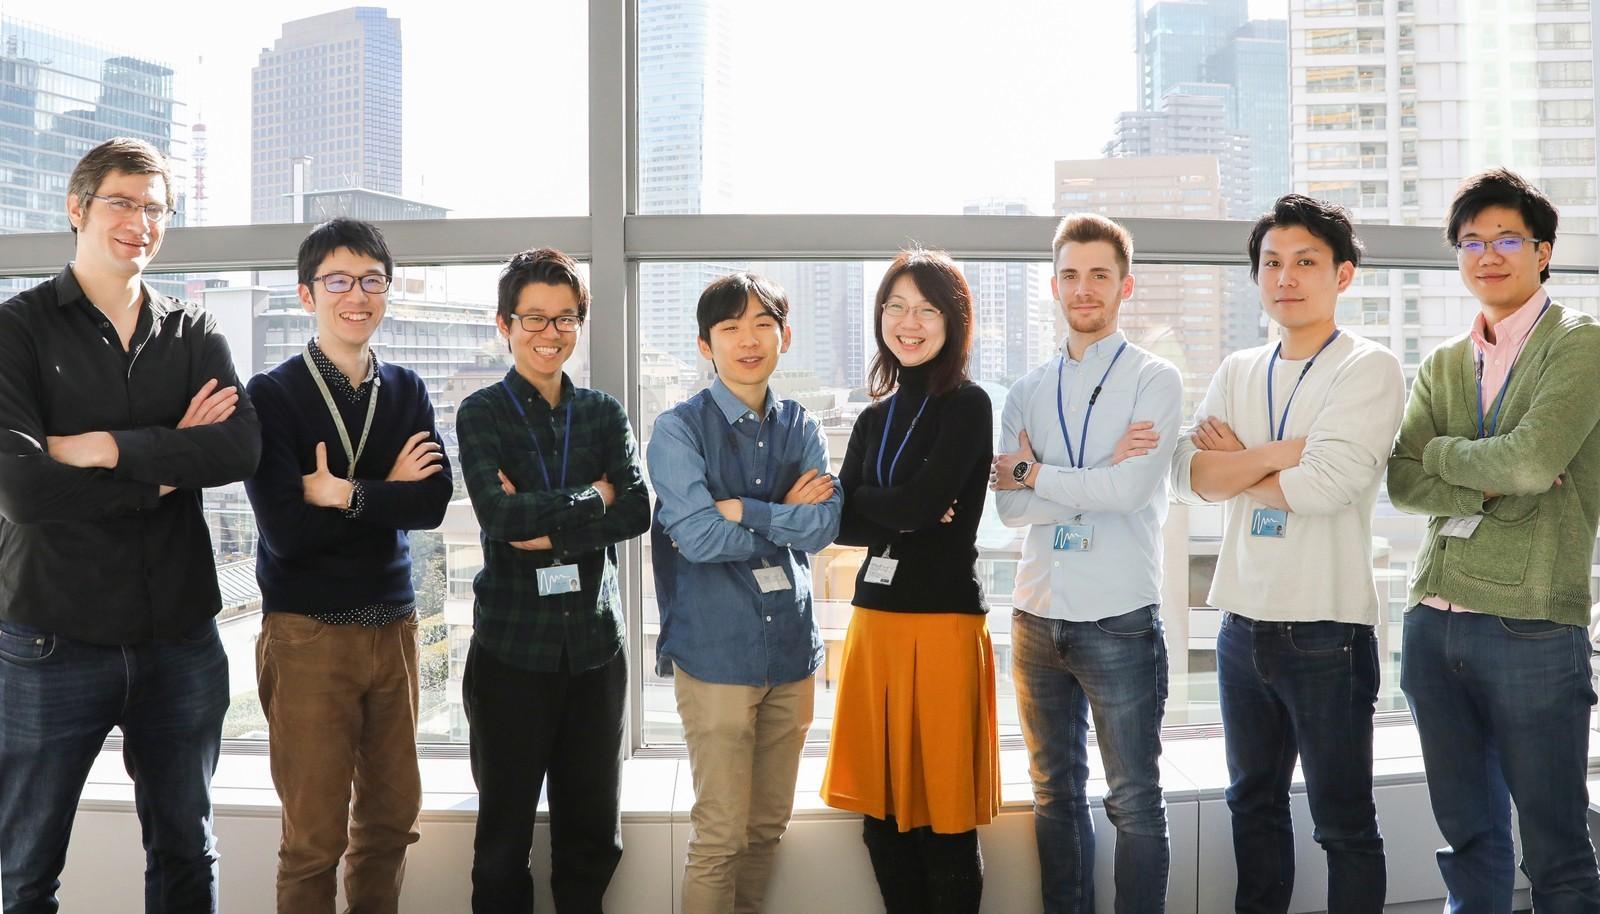 【SI出身者歓迎!】大事な人のために日本・世界の医療をよくしていきたいWebエンジニアを募集!